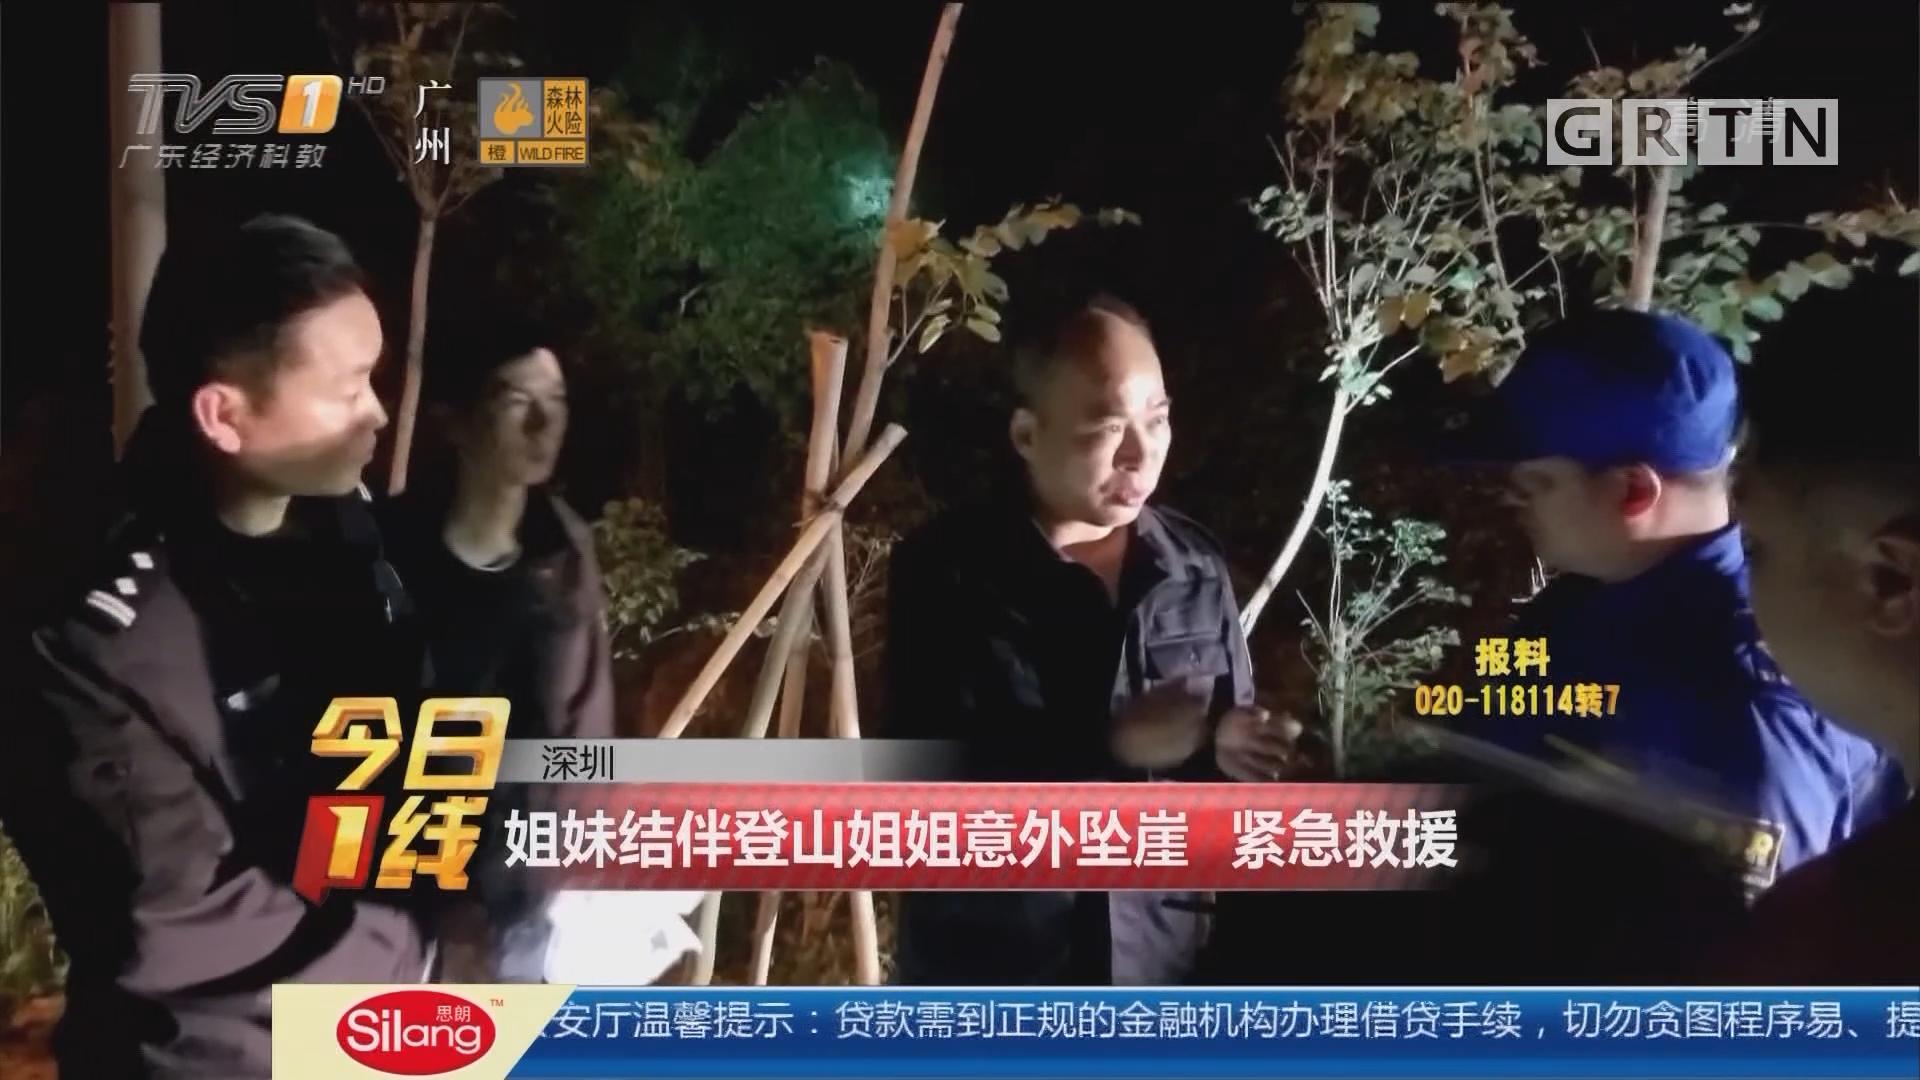 深圳:姐妹结伴登山姐姐意外坠崖 紧急救援